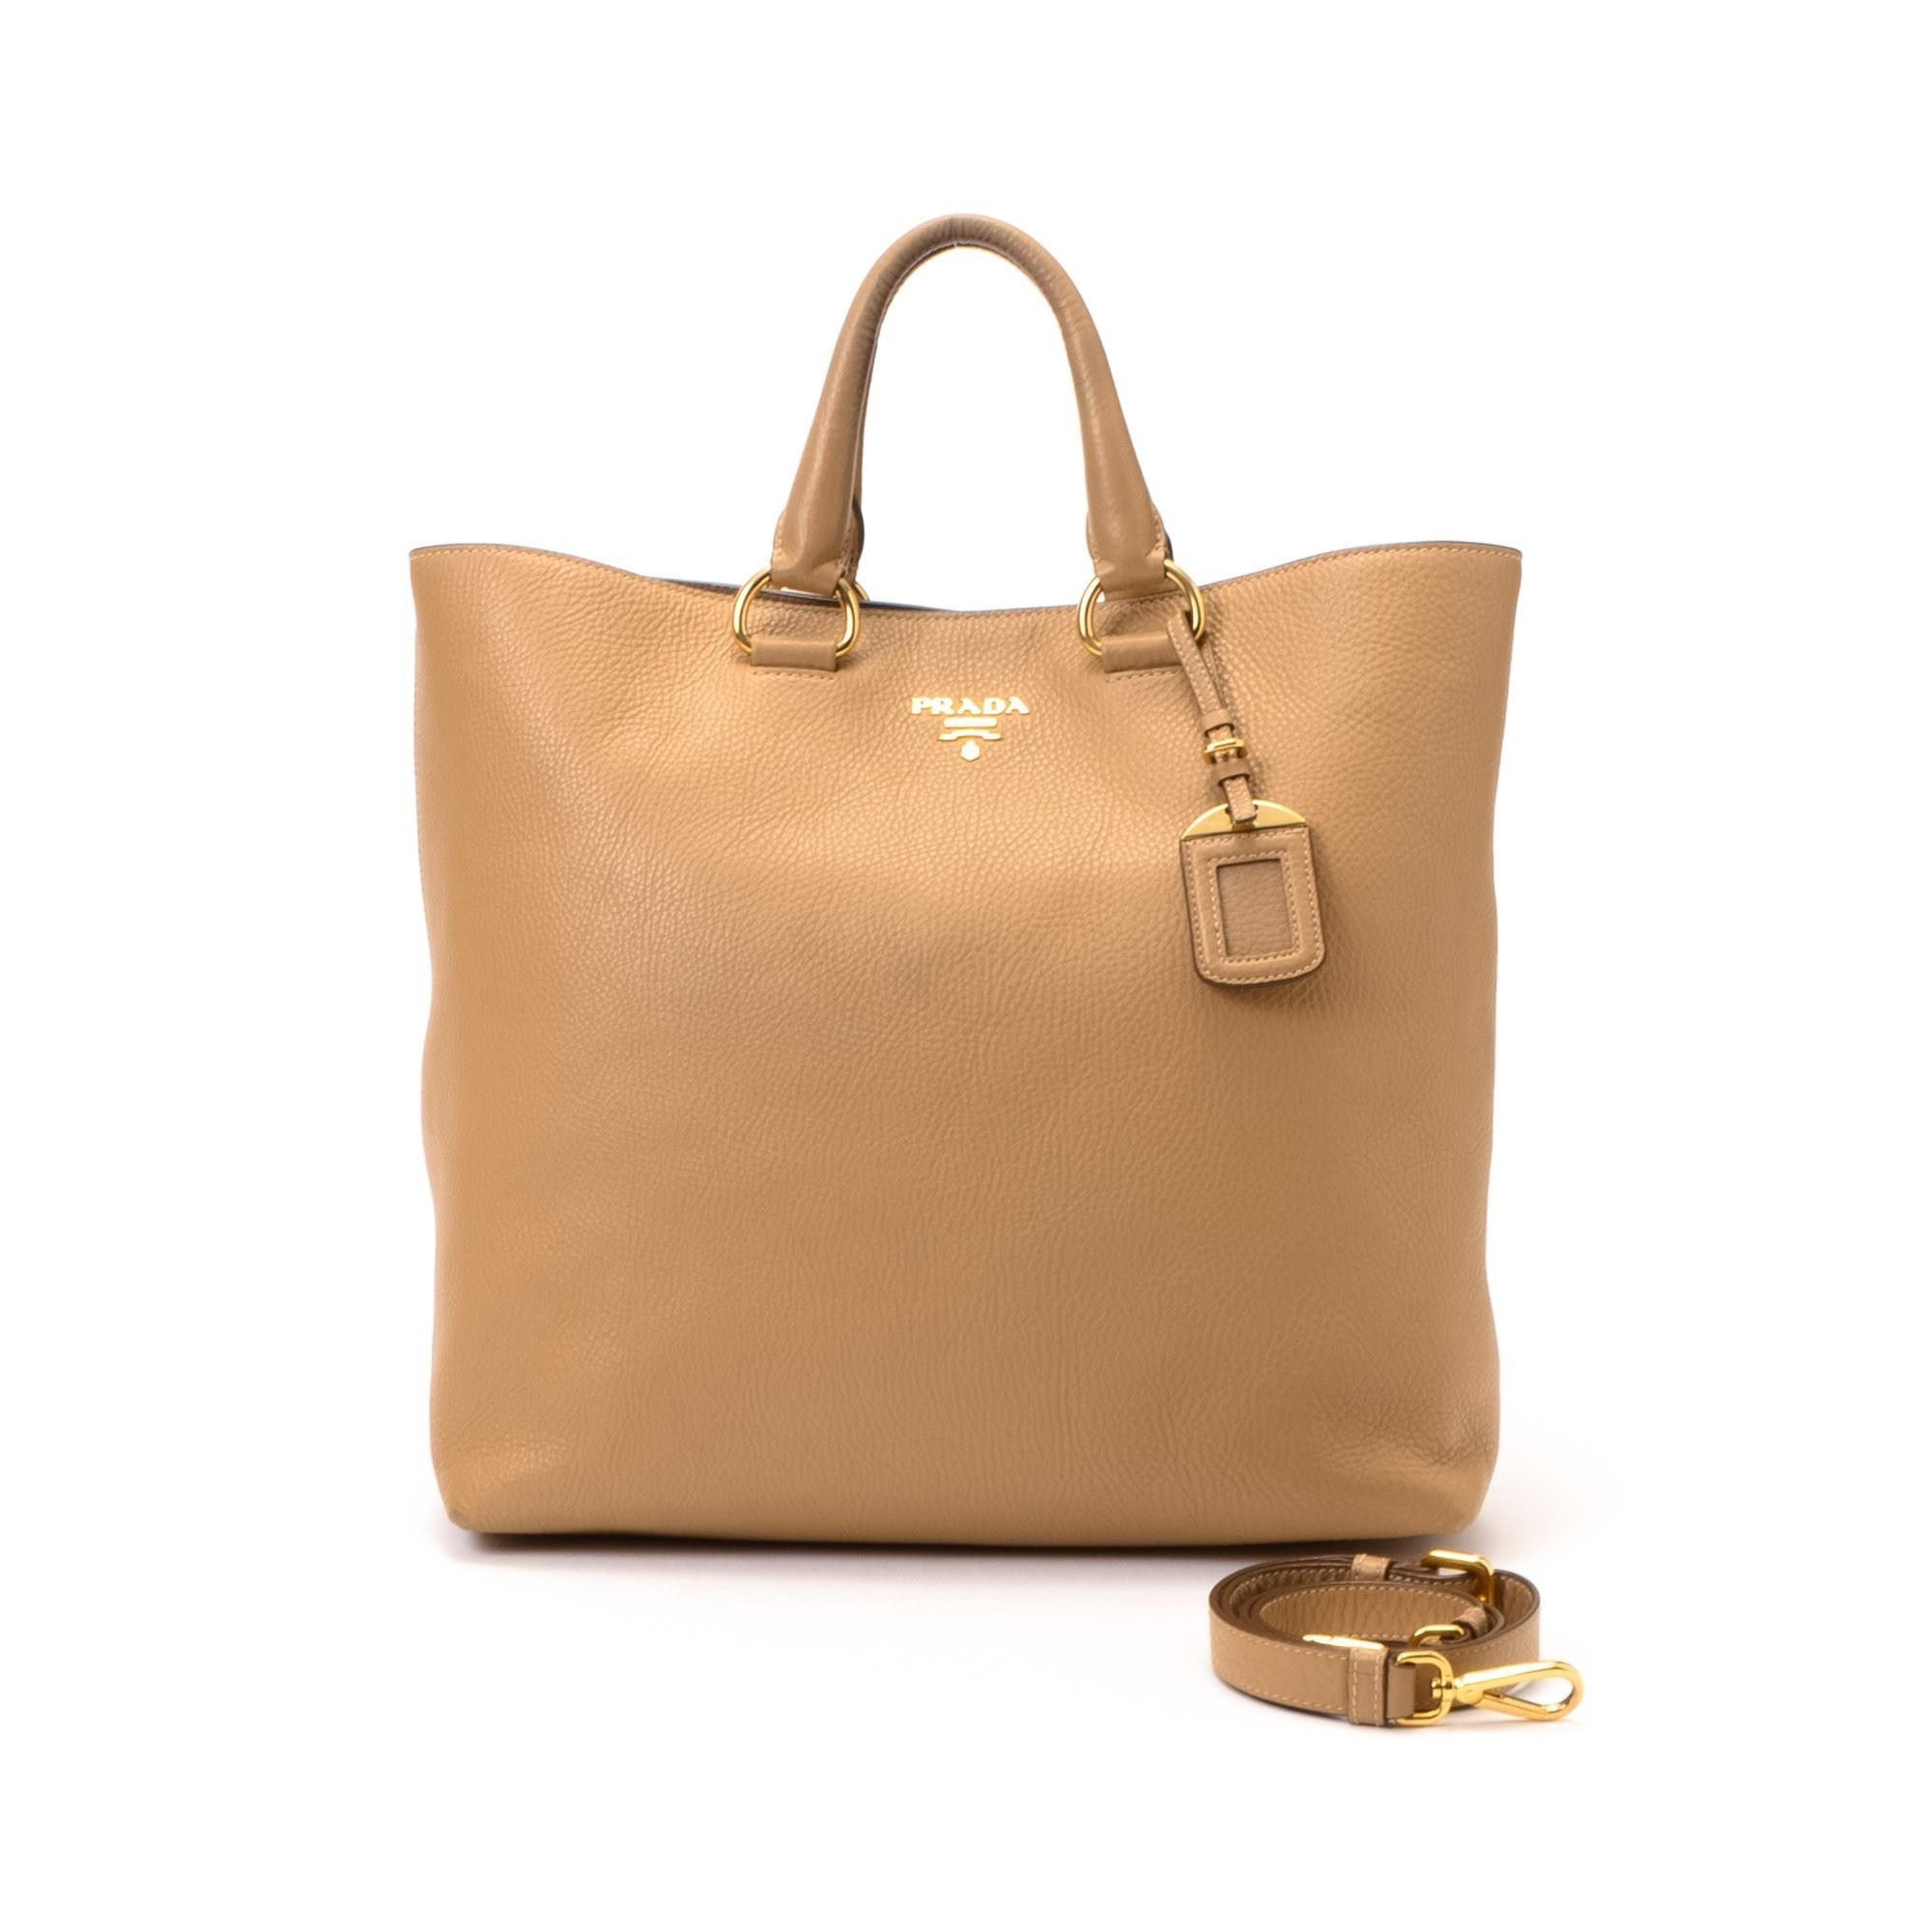 Prada Two Way Bag Beige Leather Tote - LXR\u0026amp;CO Vintage Luxury